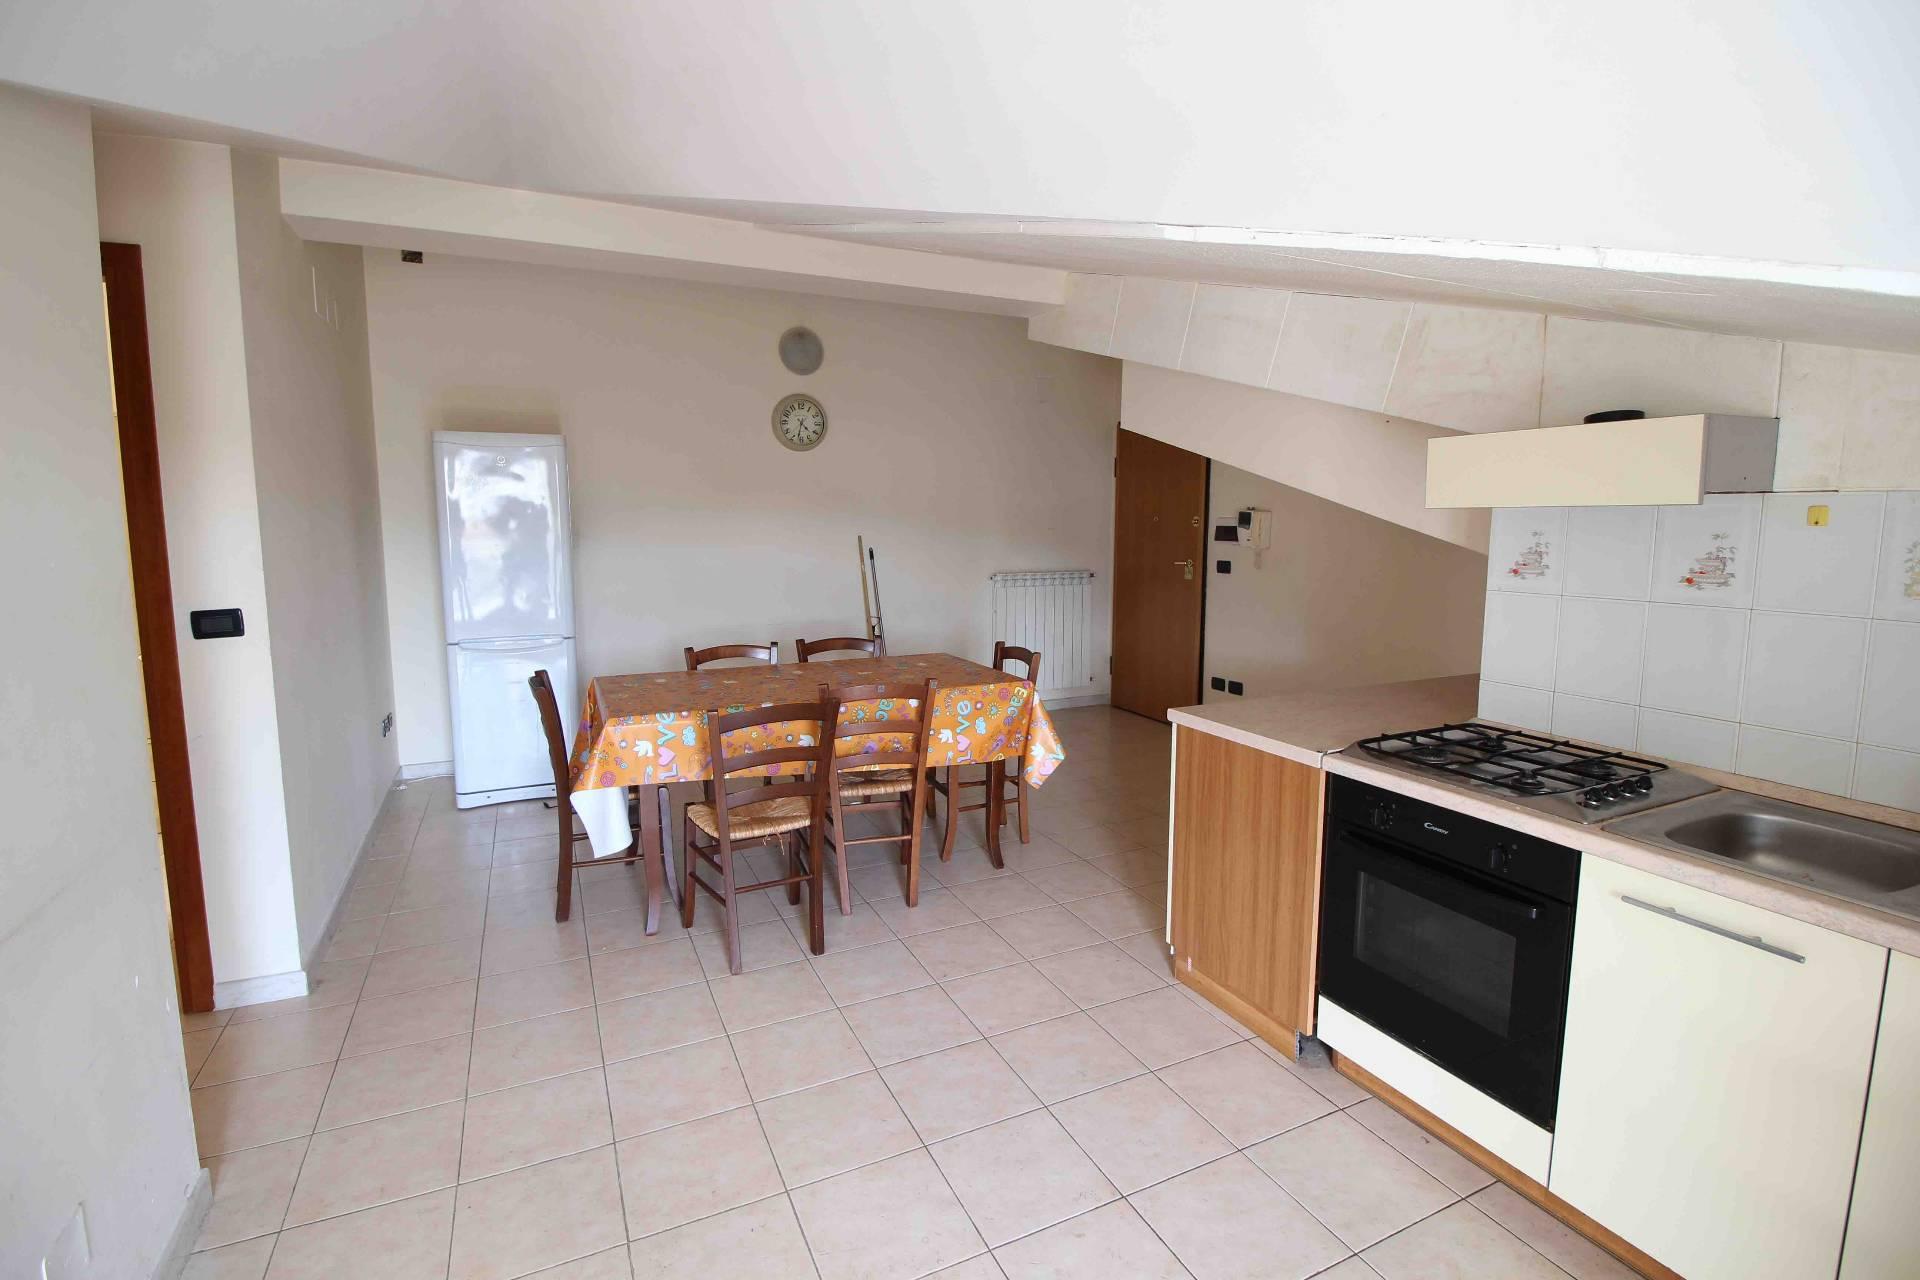 Attico / Mansarda in affitto a L'Aquila, 3 locali, zona Località: C.daRomani, prezzo € 400   CambioCasa.it